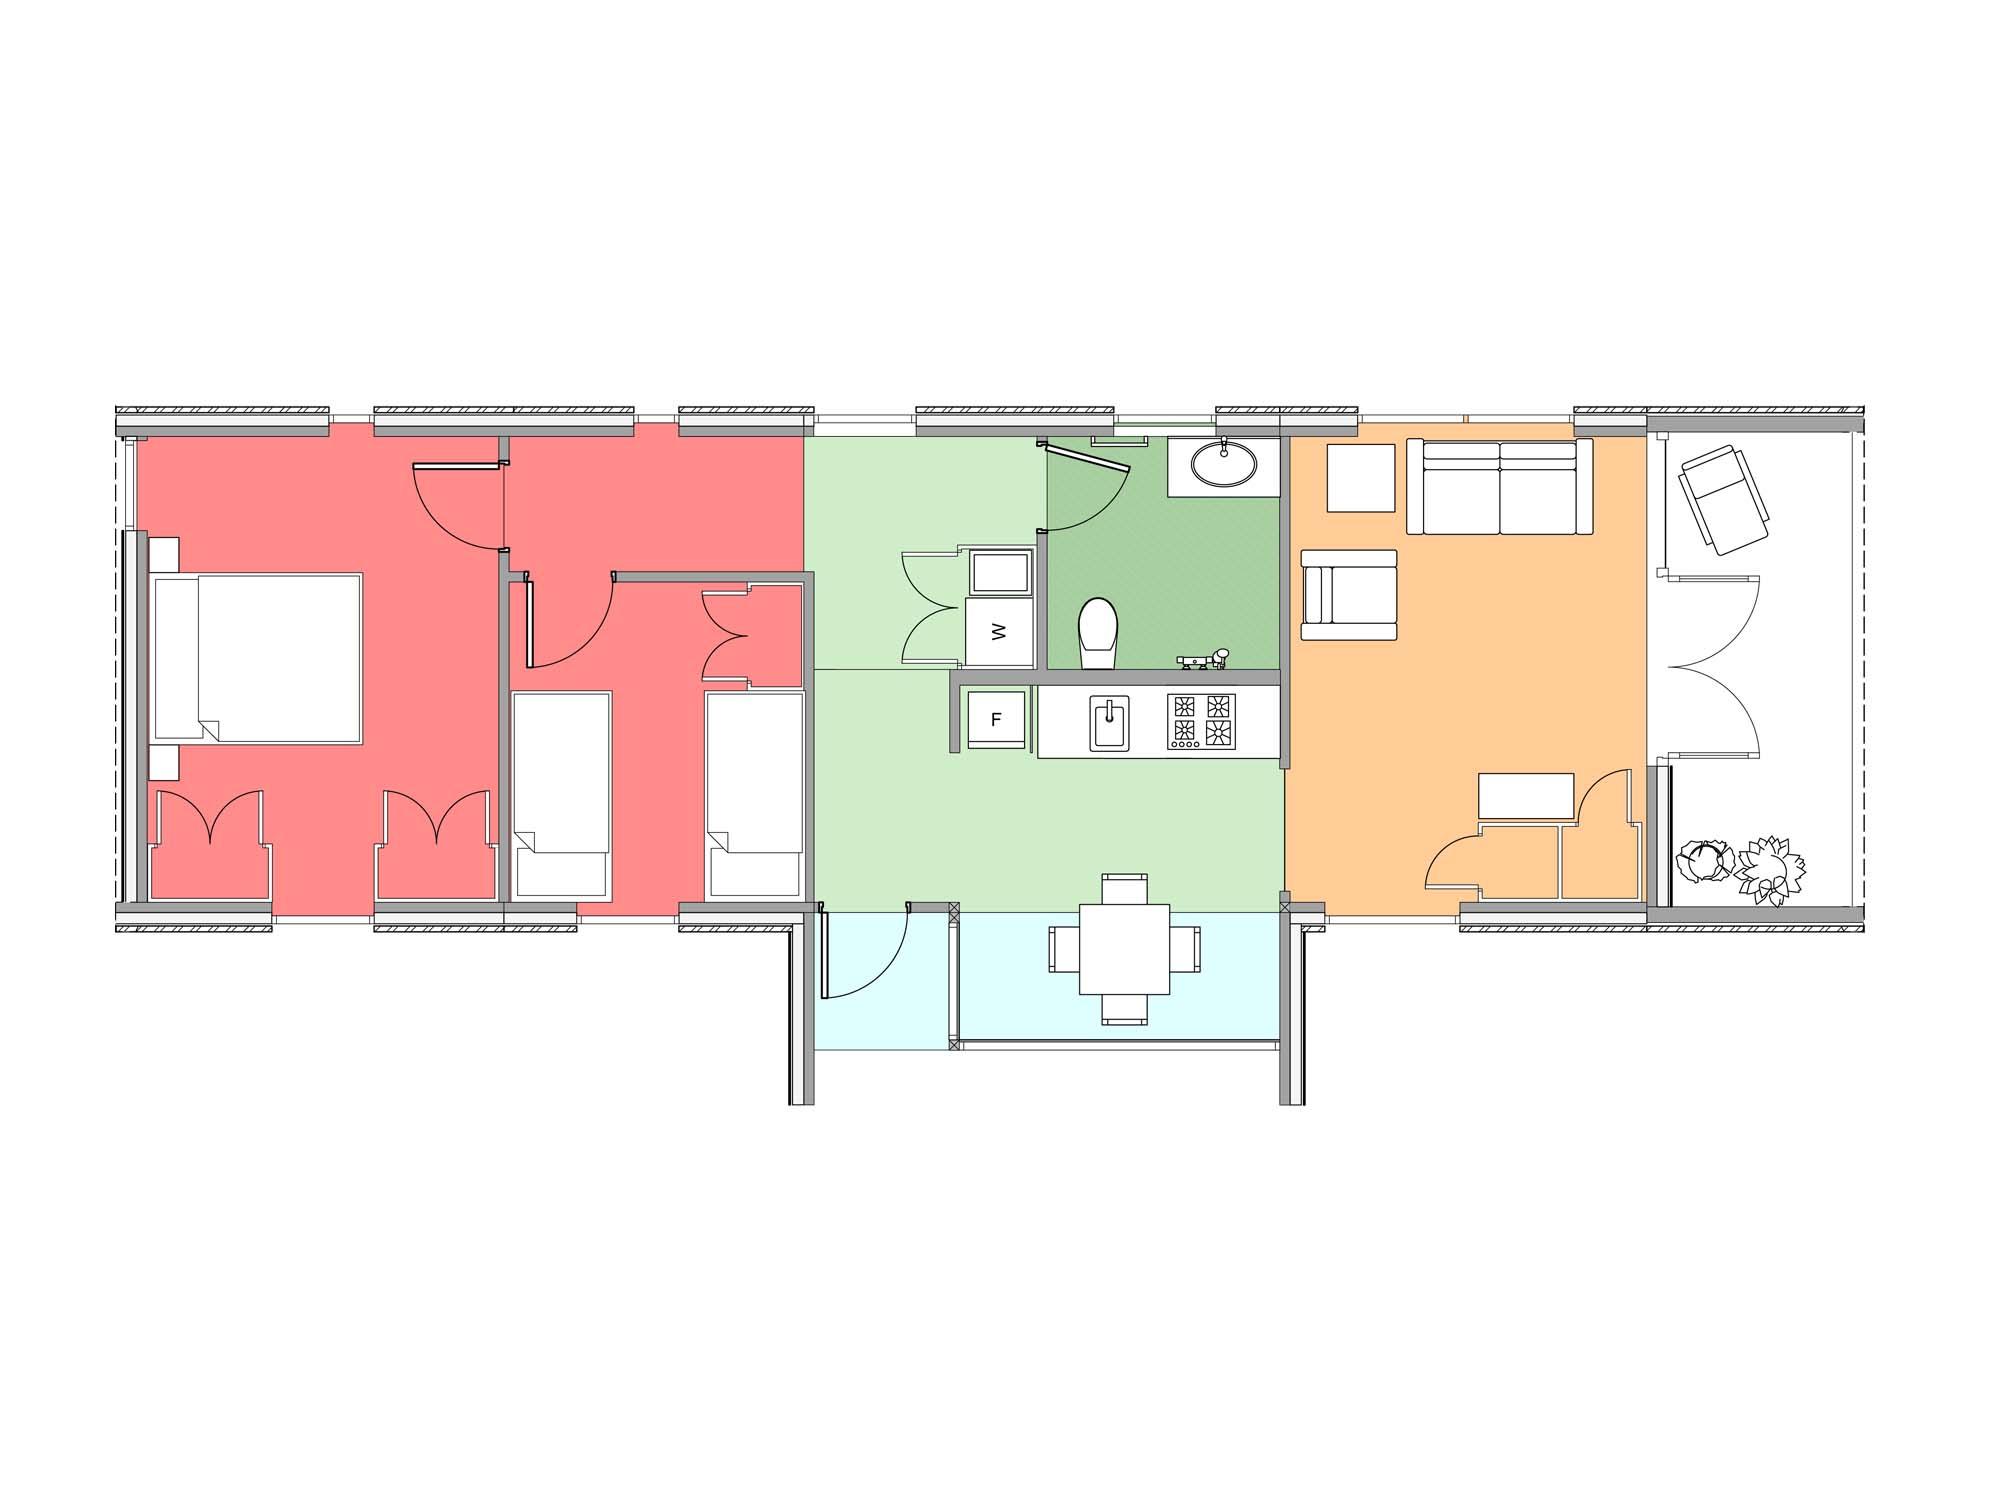 Plan of Te Whare-iti TWI 23